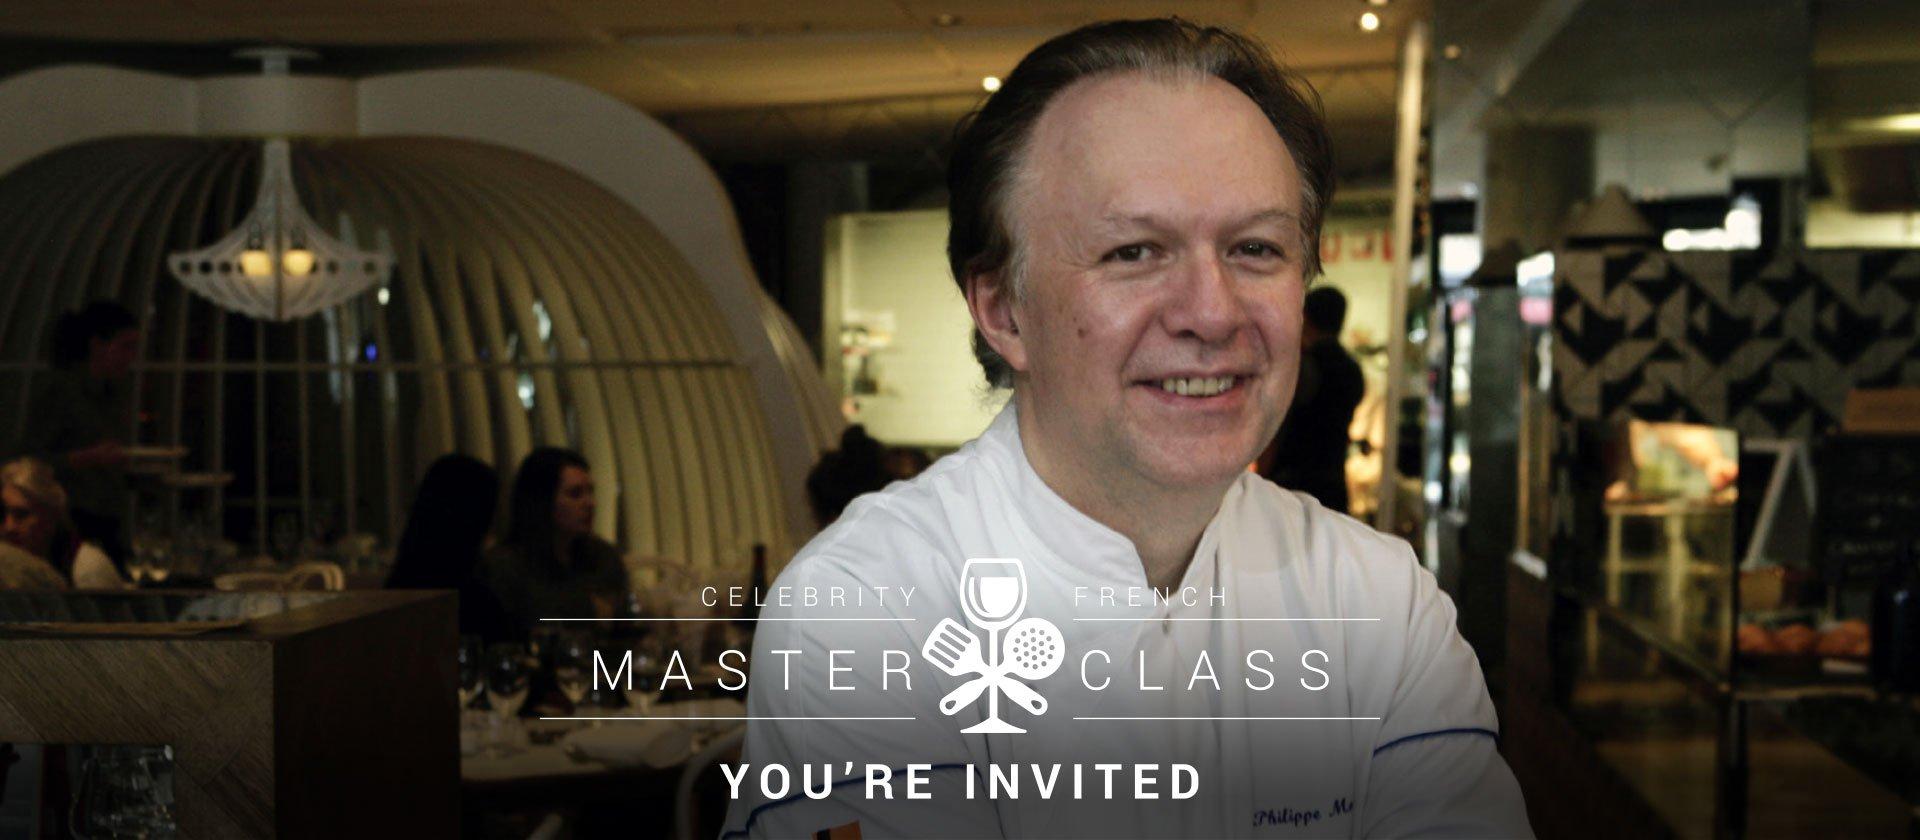 Le Cordon Bleu Melbourne Chef Philippe Mouchel French cuisine Masterclass